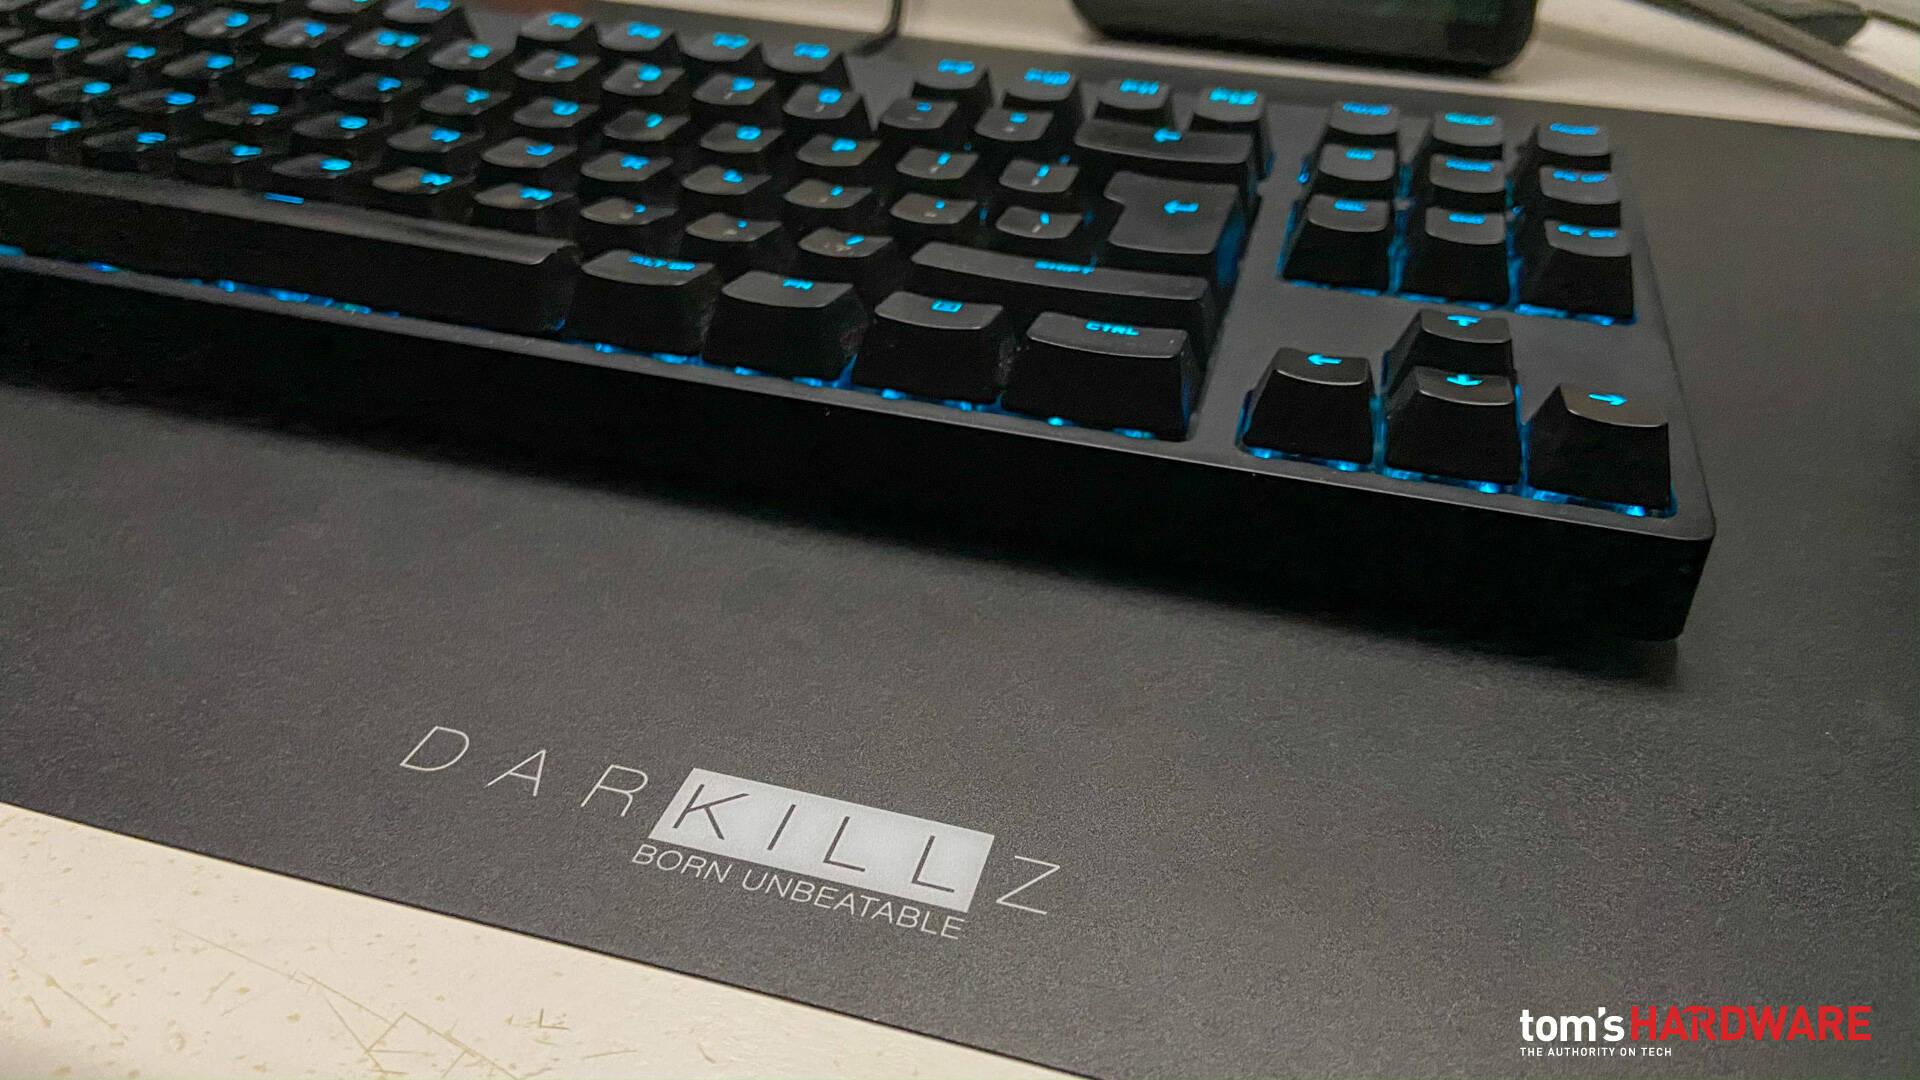 Mousepad Darkillz